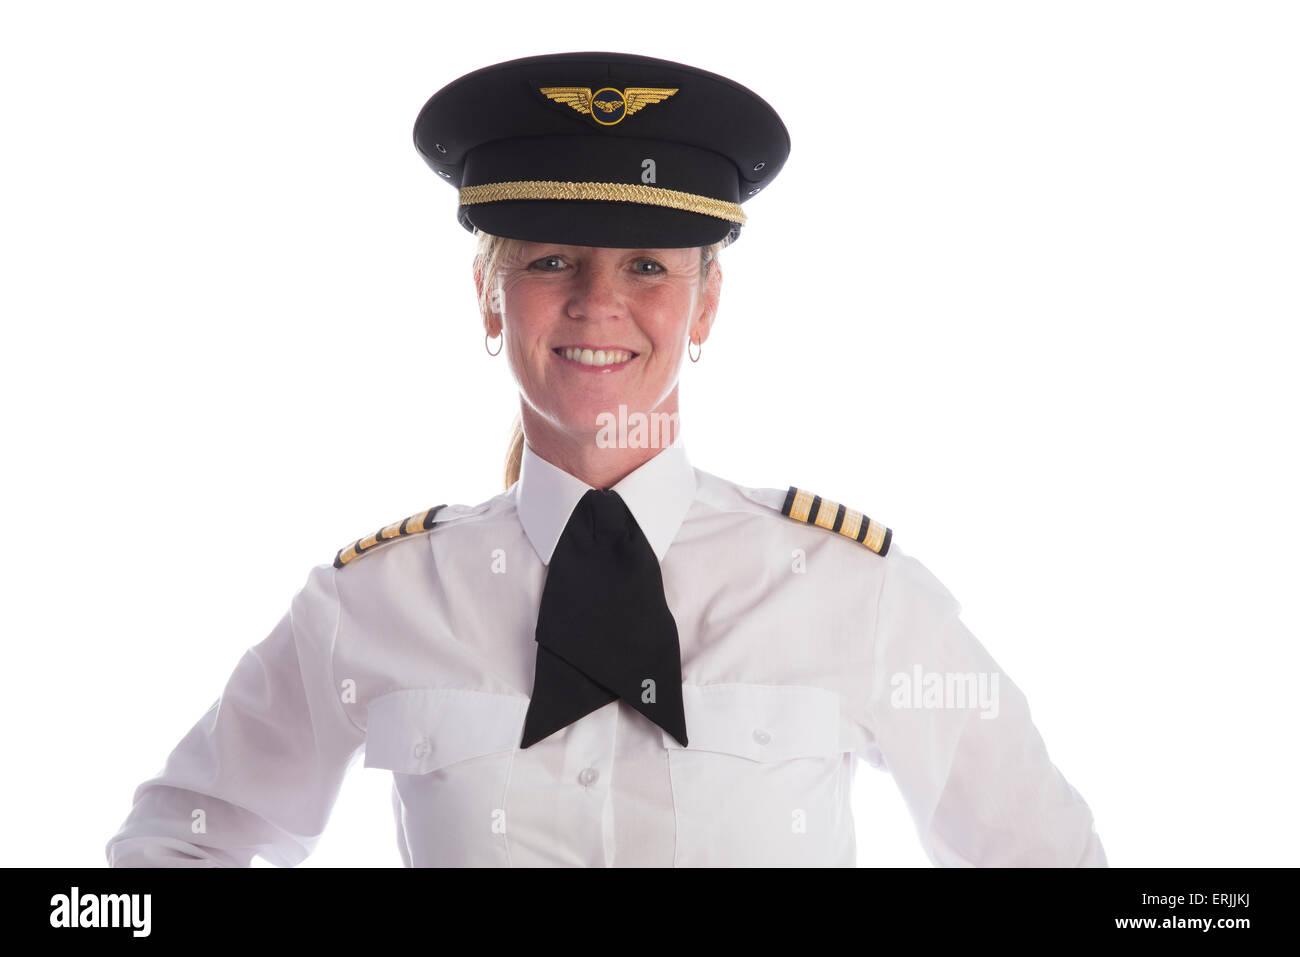 Femmina pilota senior in uniforme e che indossa il suo cappello e un cravat  Immagini Stock 6e8d40fae168